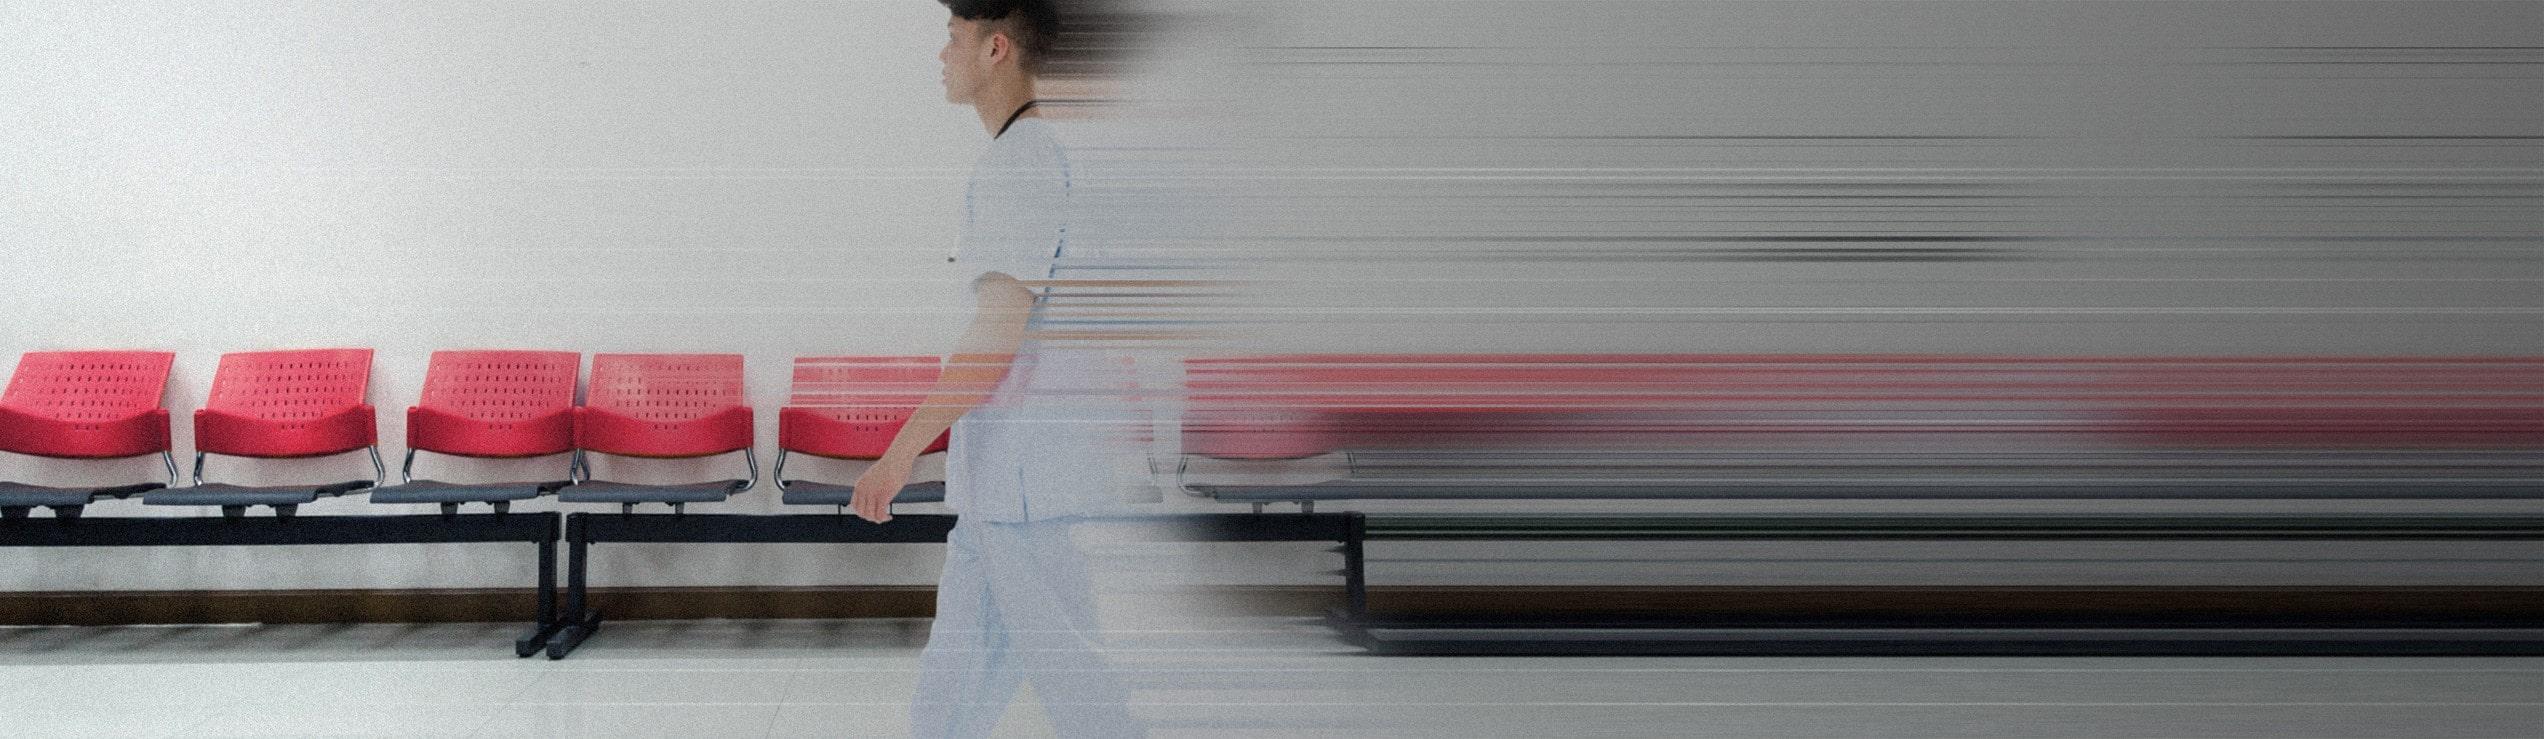 manlig sjuksköterska går i en sjukhuskorridor